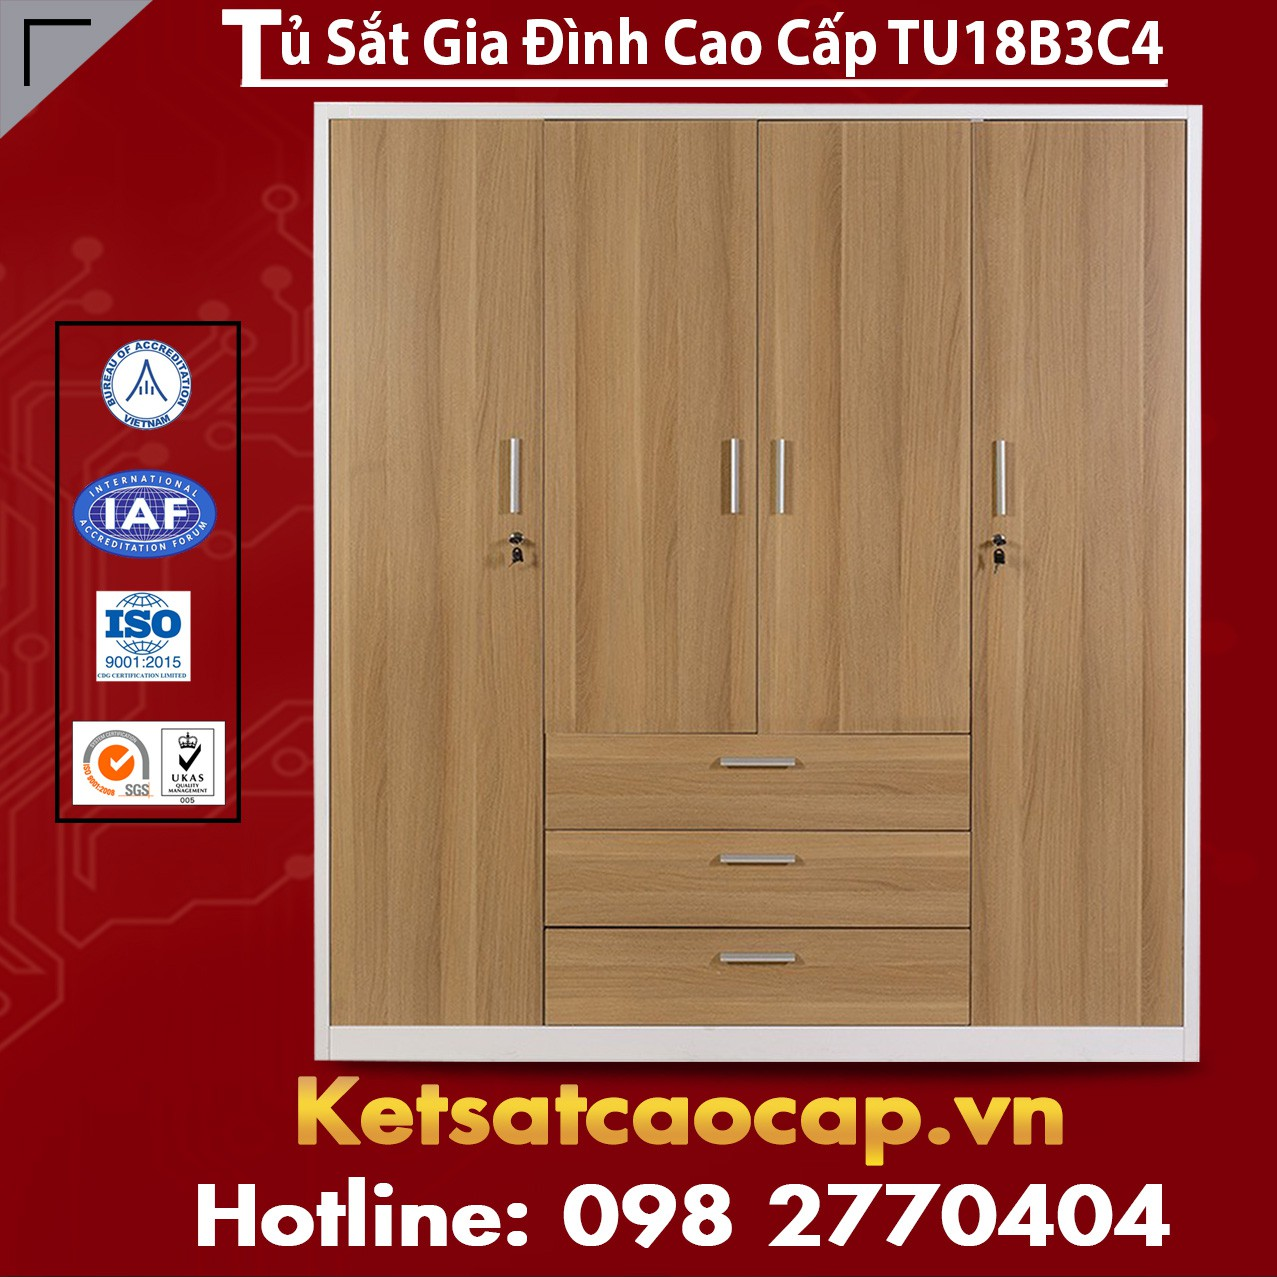 Tủ Sắt Gia Đình TU18B3C4